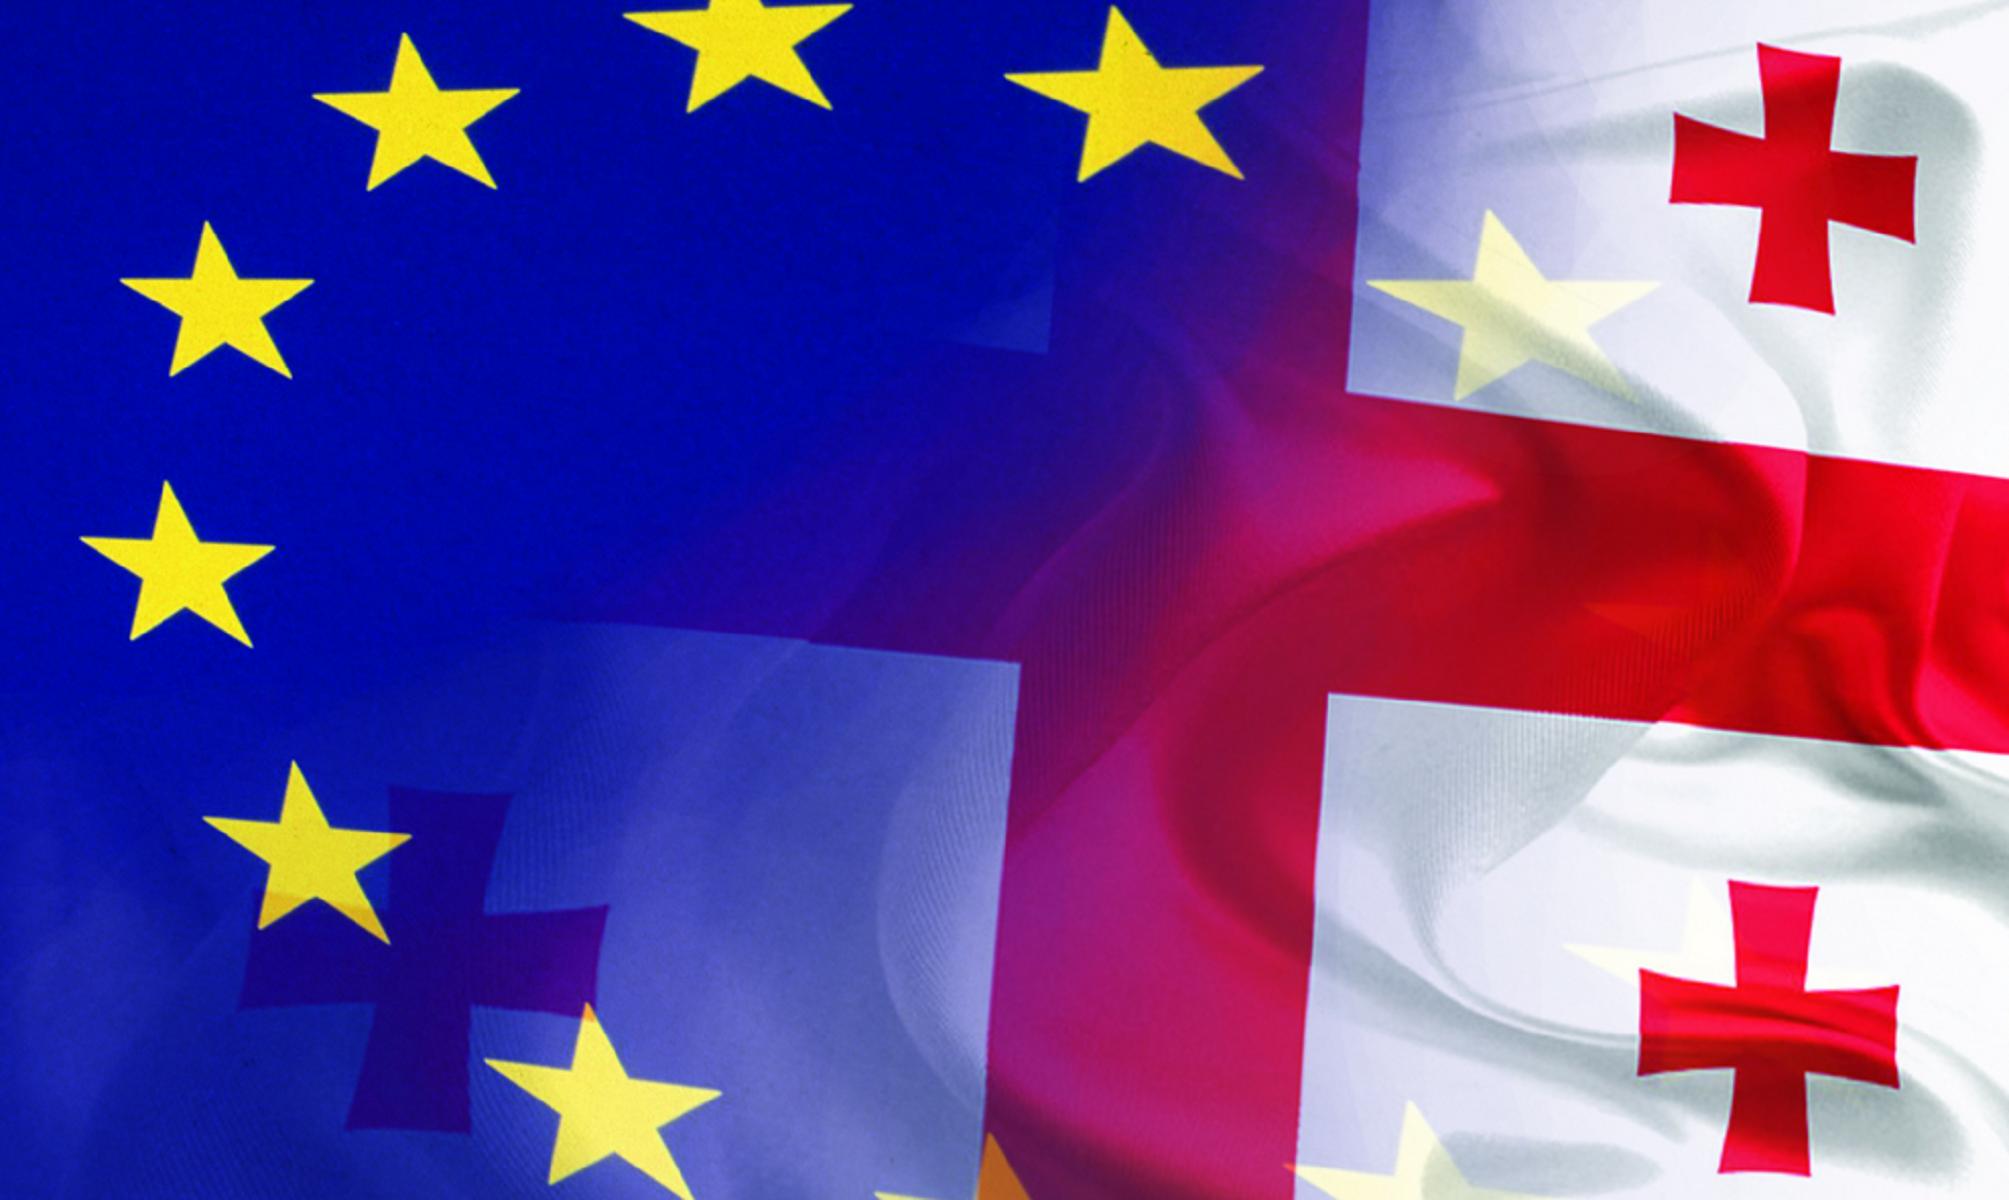 مثبت-اندیسی-شهروندان-گرجستان-نصبت-به-اتحادیه-اروپا